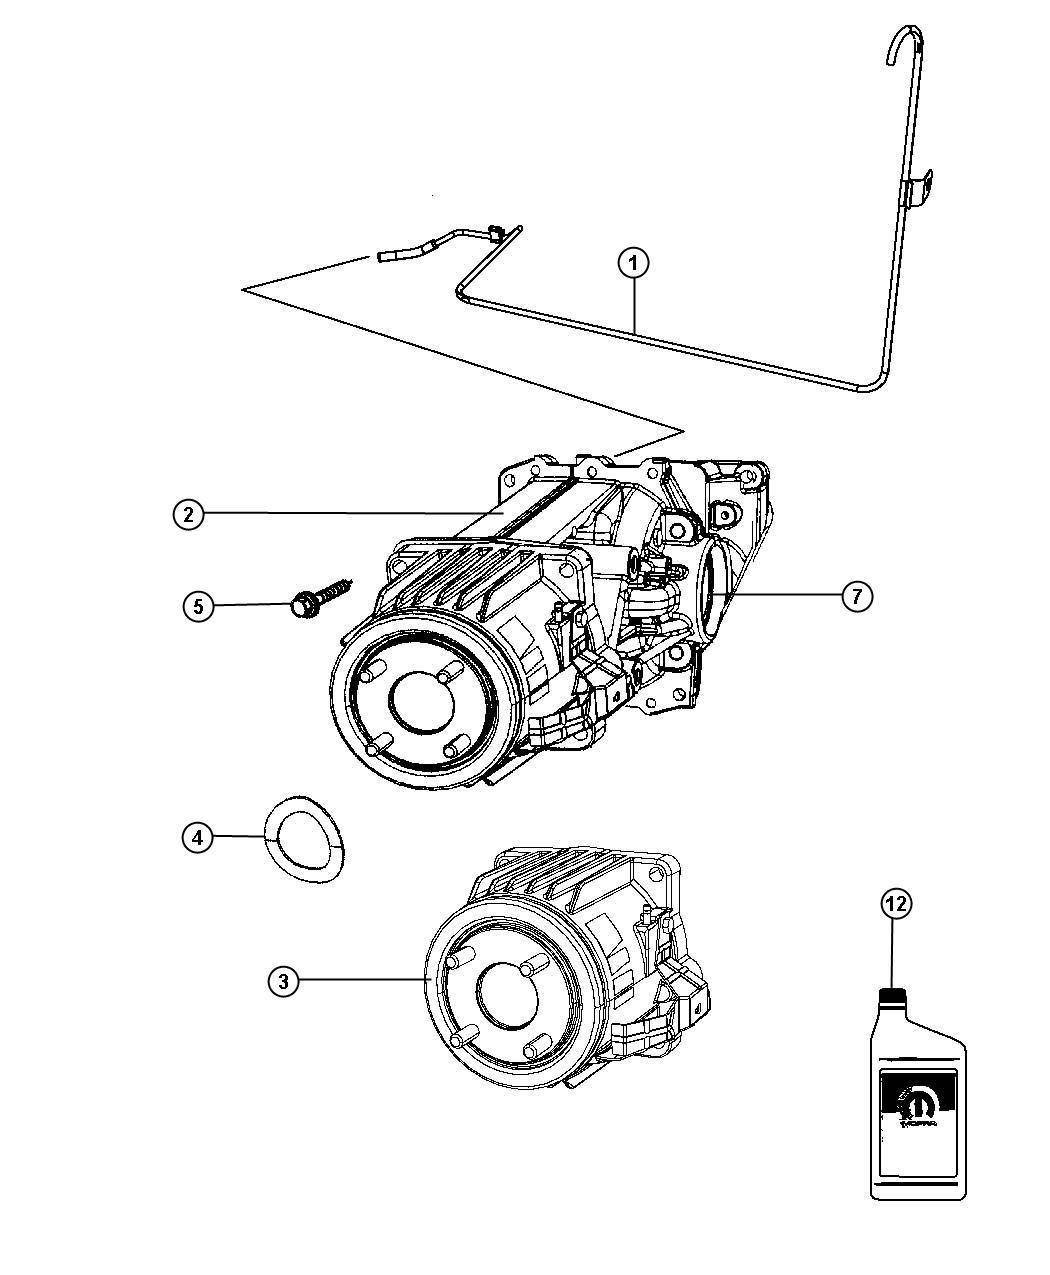 2007 jeep patriot rear suspension parts